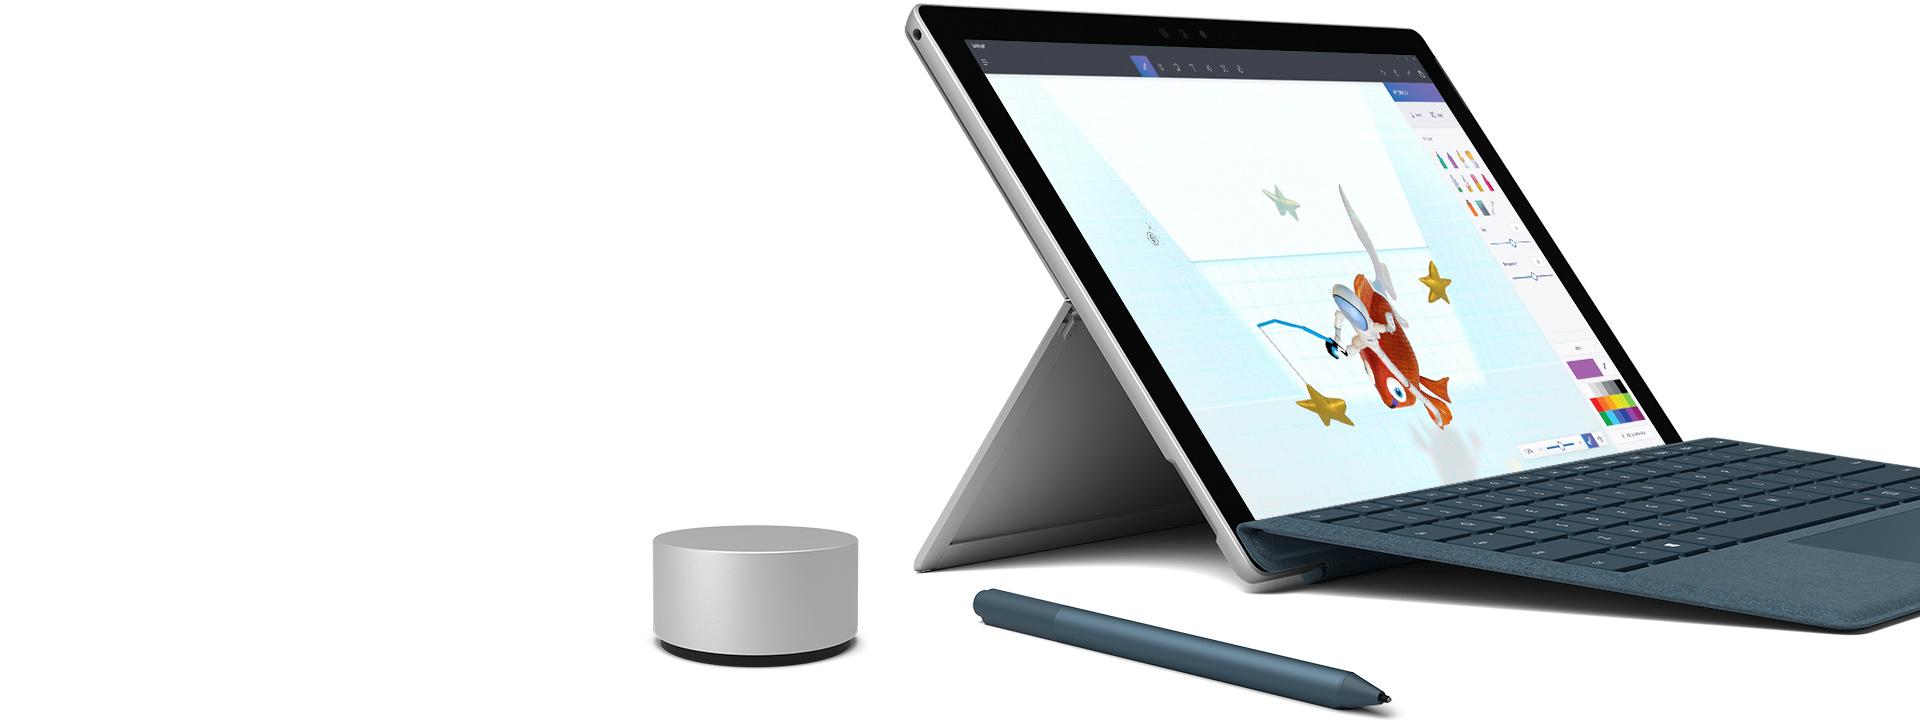 Surface Dial、ペン、タイプ カバーを使用したラップトップ モードの Surface Pro。